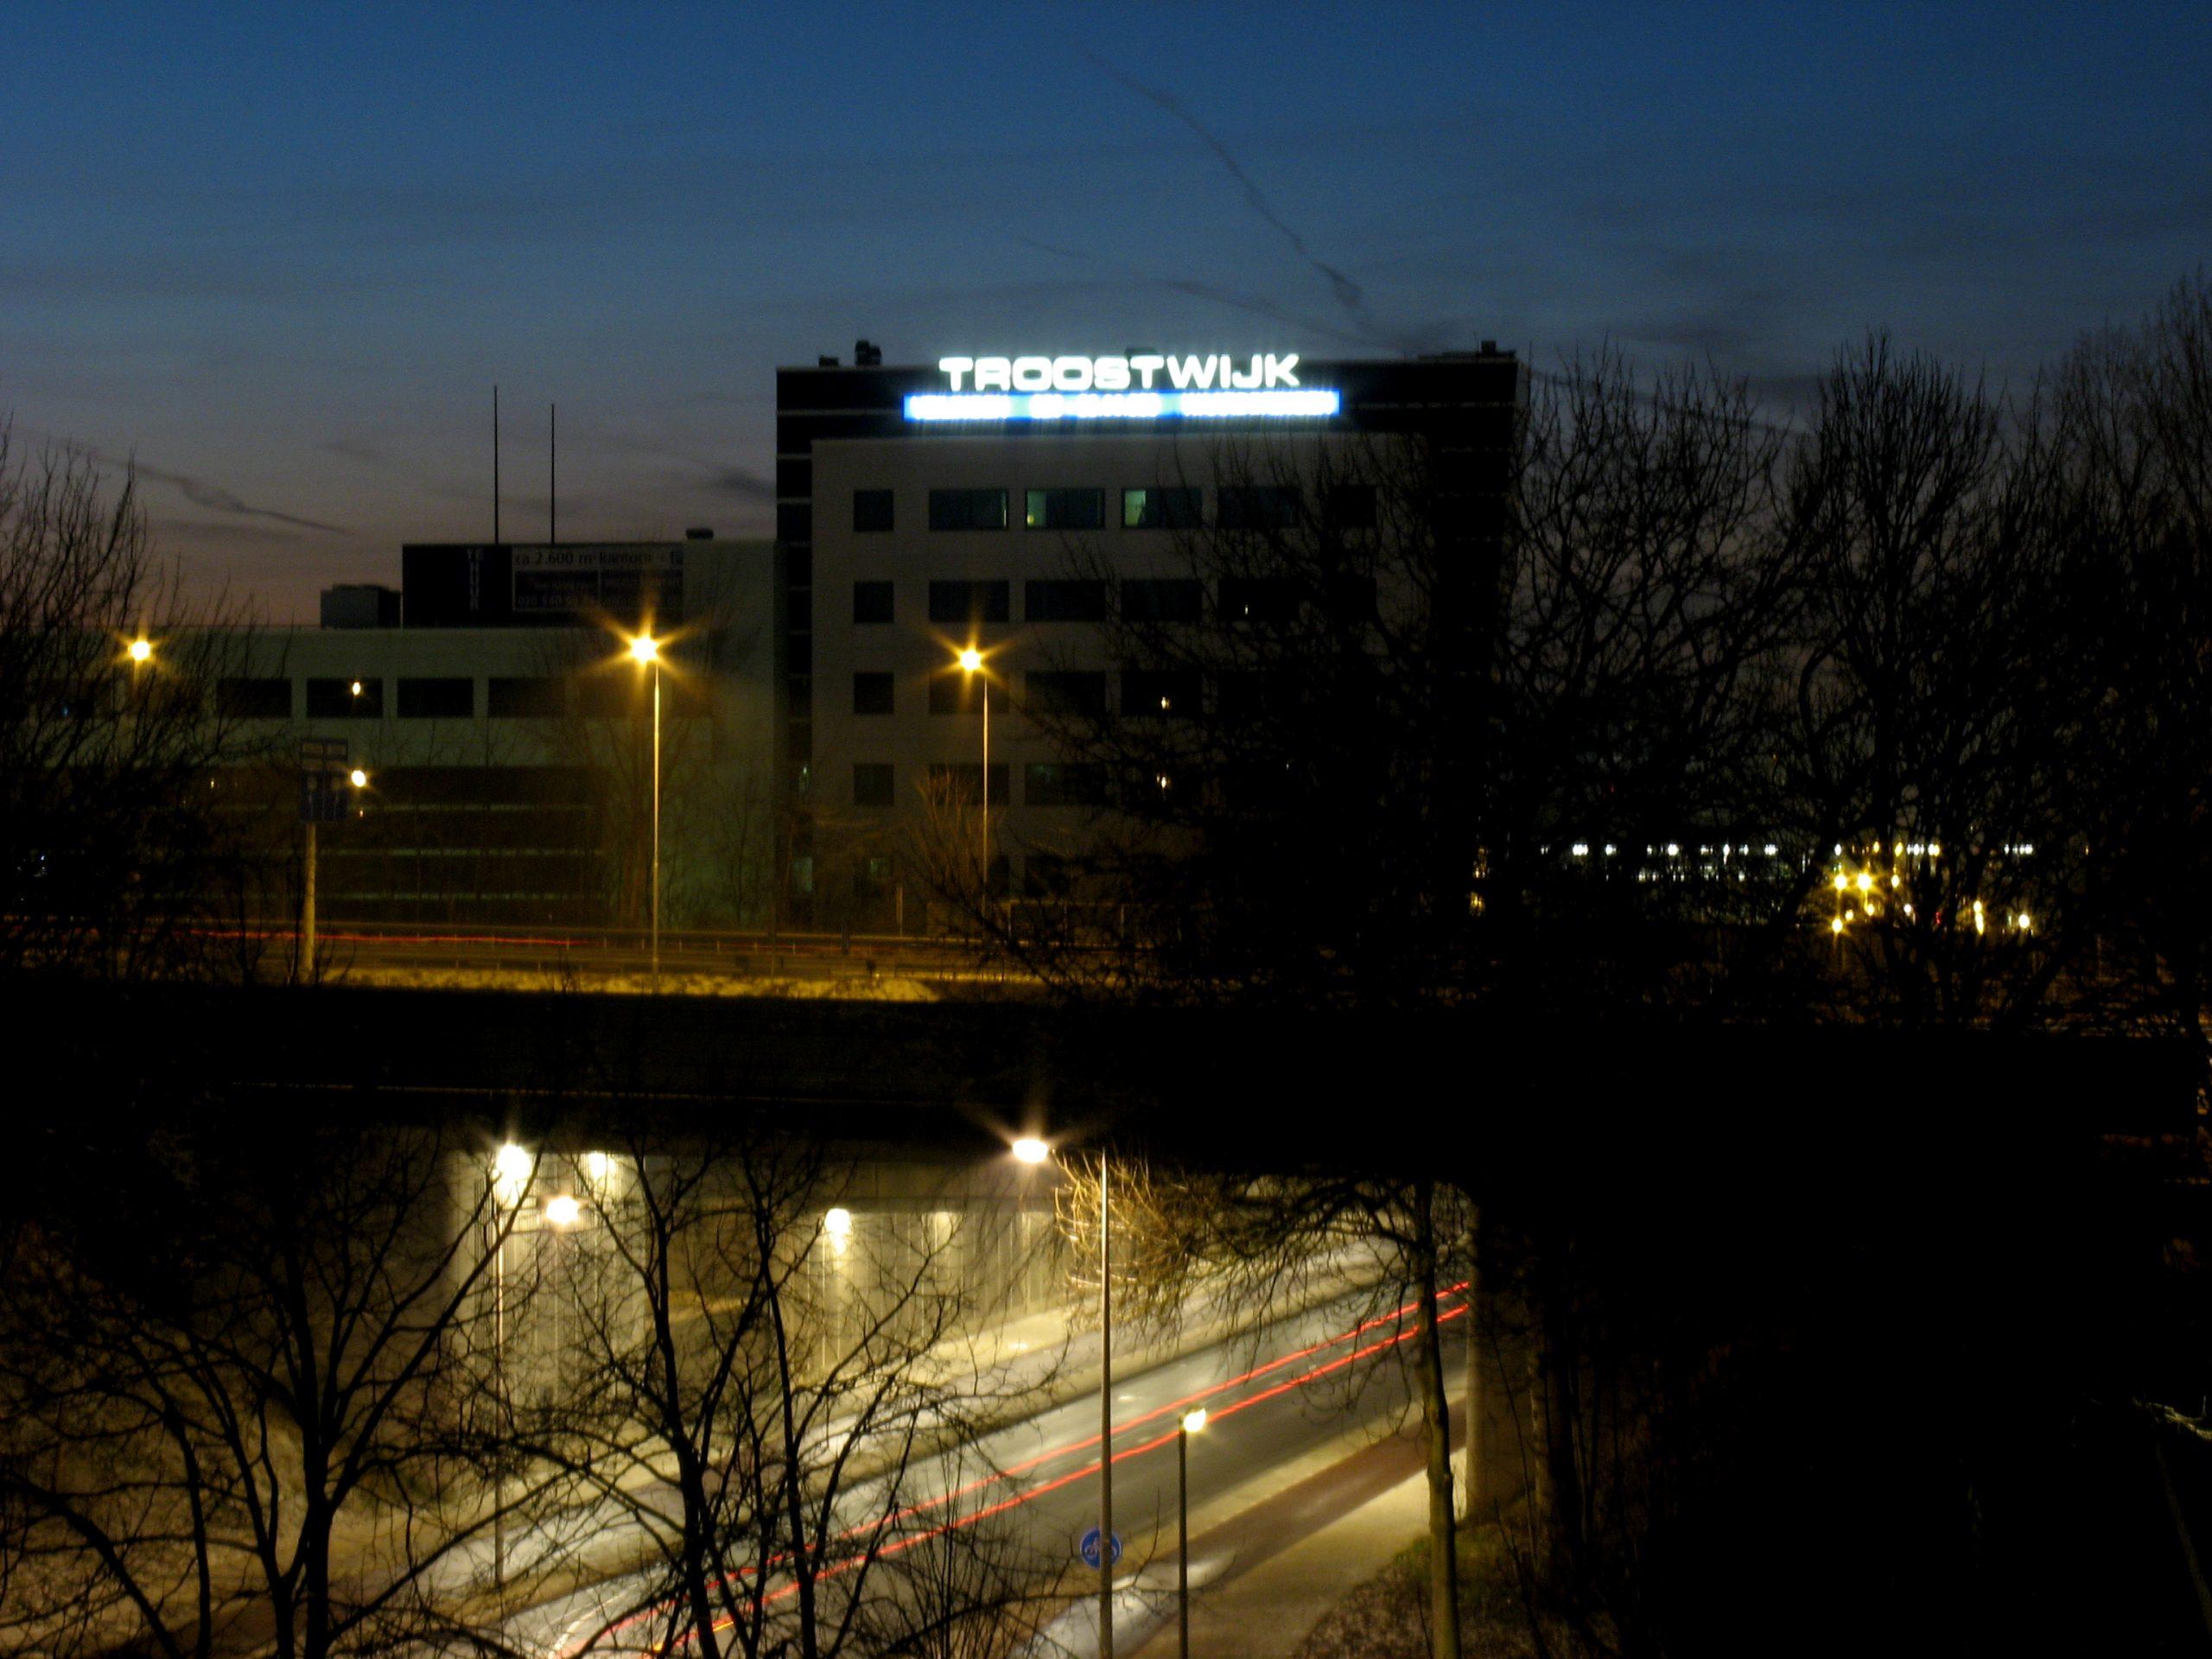 slotervaart, 2007